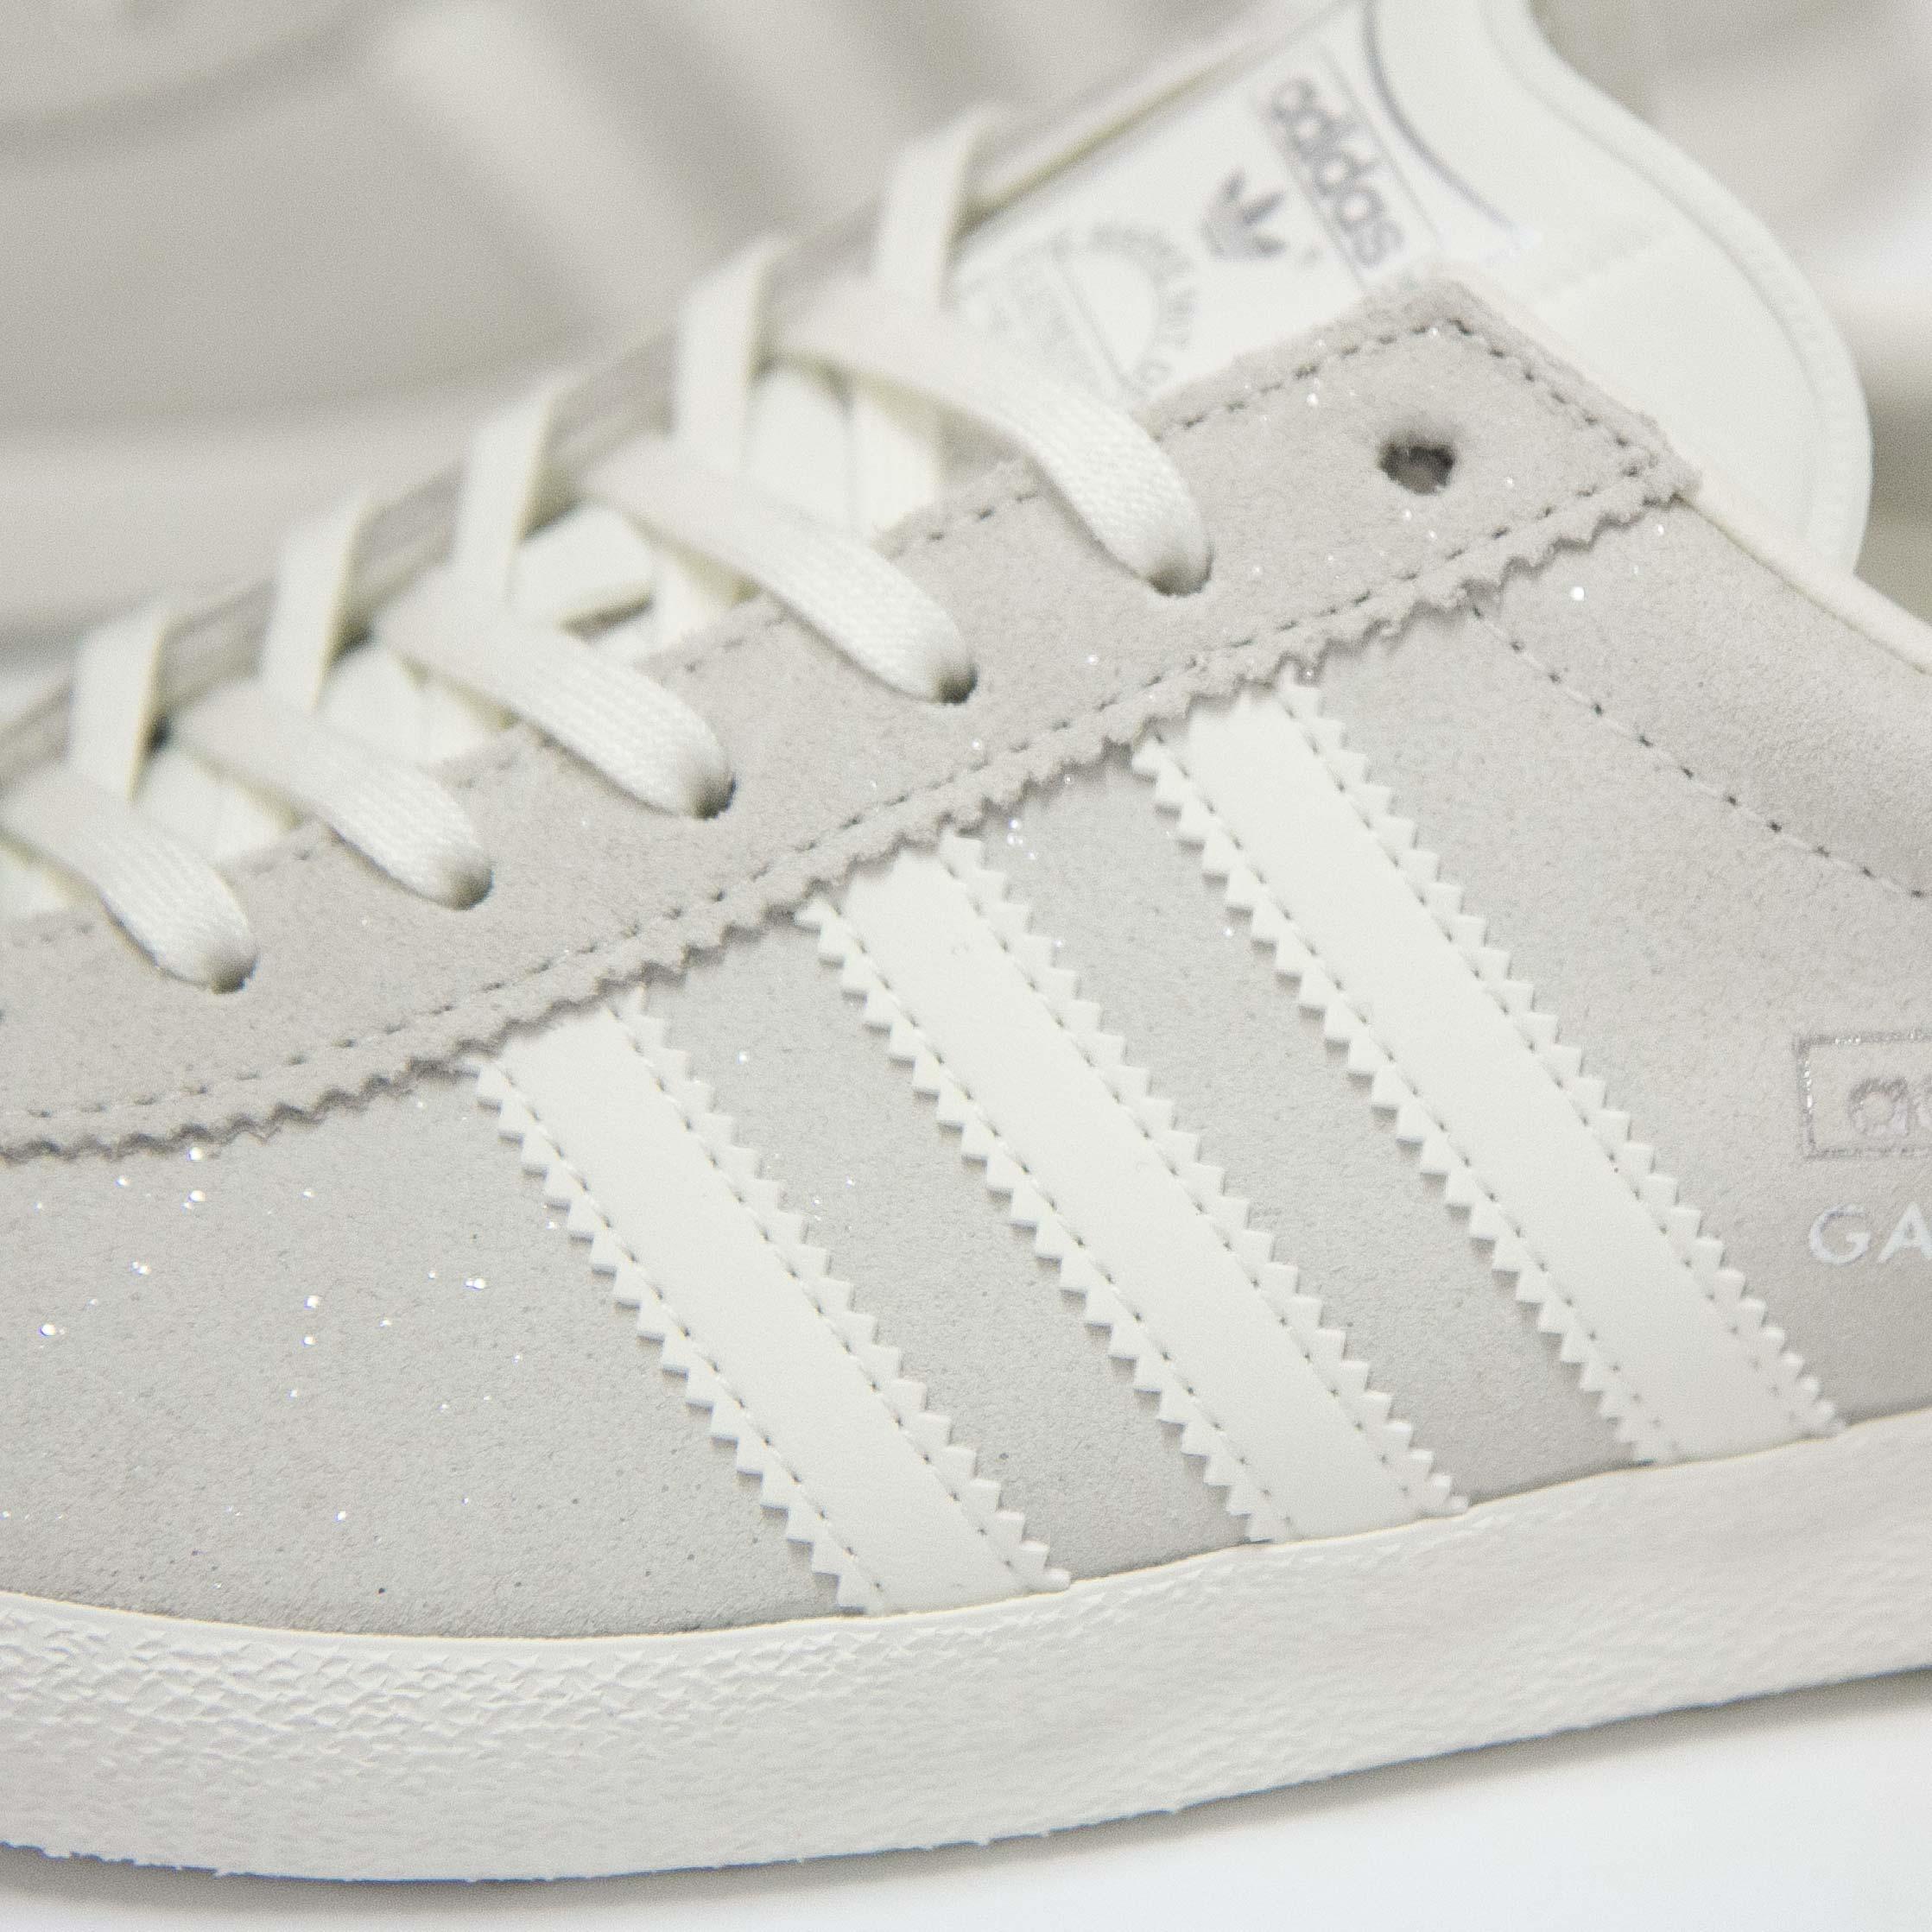 sneakers for cheap f3e22 8e1c2 adidas Gazelle OG W - S78878 - Sneakersnstuff   sneakers   streetwear  online since 1999